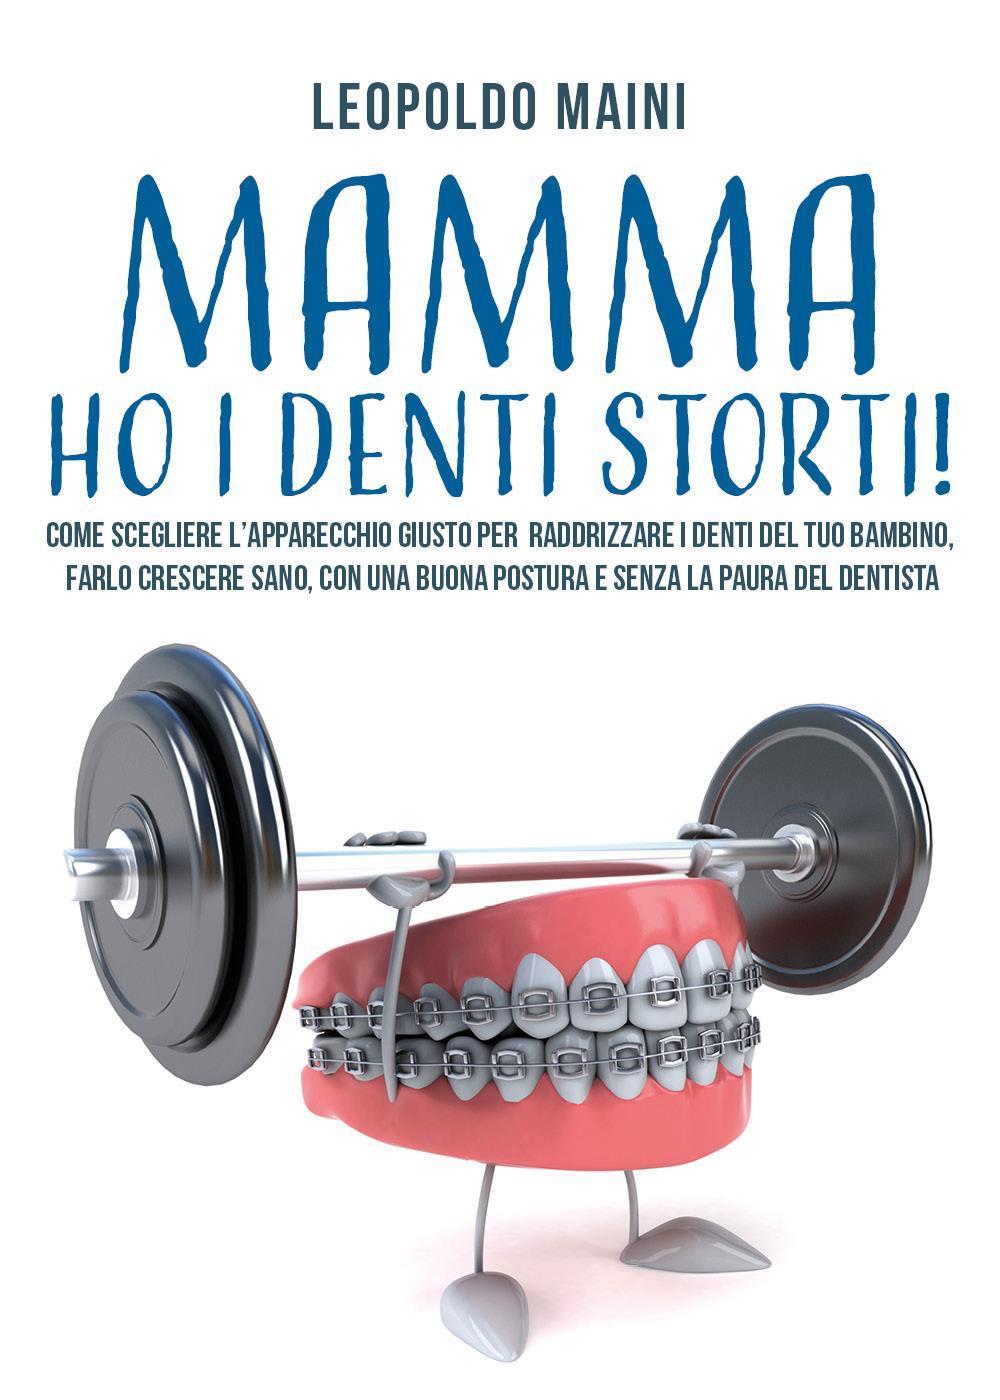 Mamma ho i denti storti! Come scegliere l'apparecchio giusto per raddrizzare i denti del tuo bambino,  farlo crescere sano, con una buona postura e senza la paura del dentista